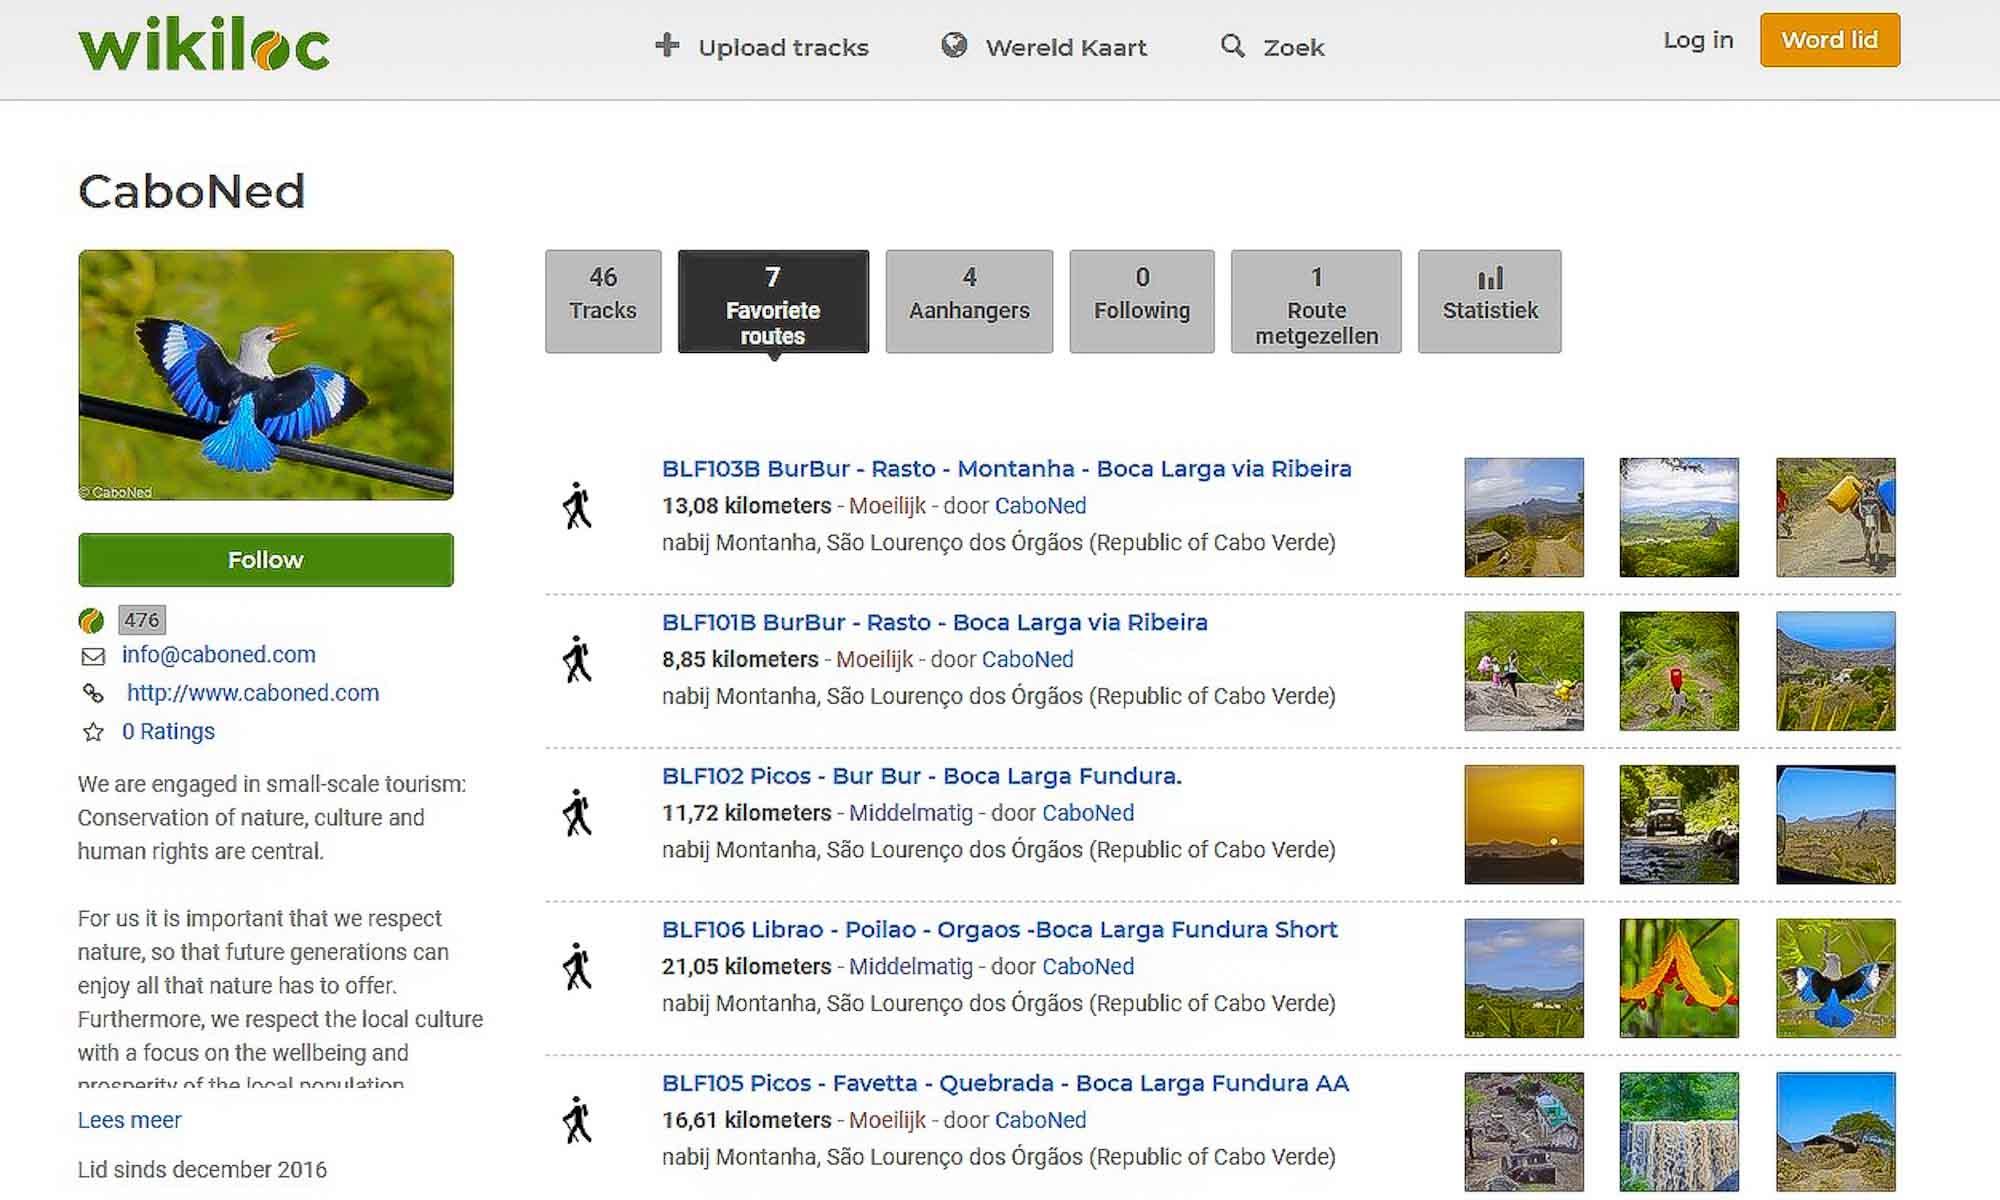 CaboNed ecotourism op Wikiloc.